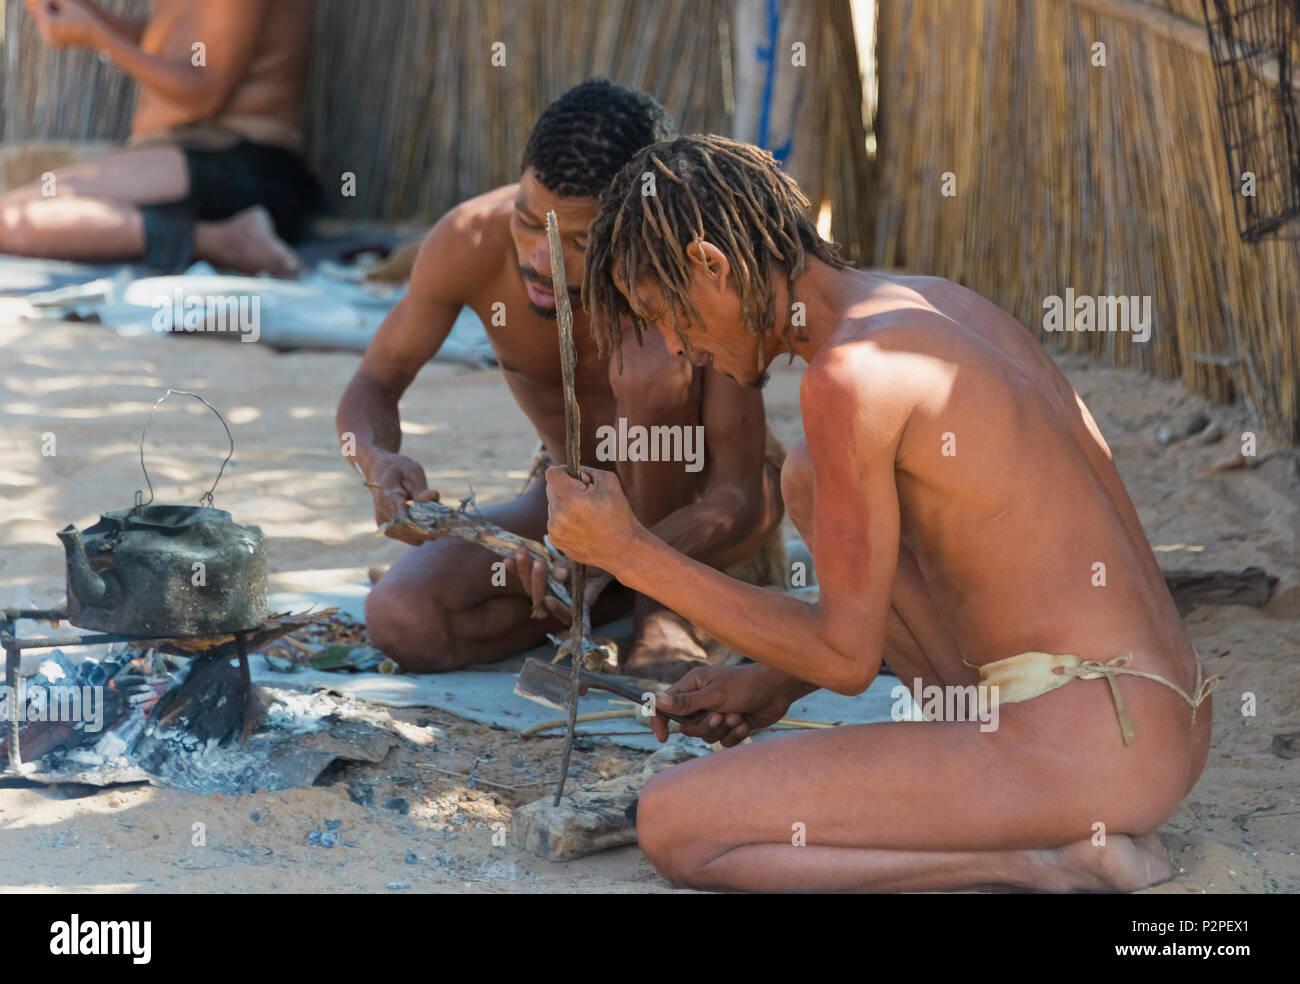 À l'aide de Bushman des os d'animaux pour faire des bijoux dans le village, Kgalagadi Transfrontier Park, Afrique du Sud Photo Stock